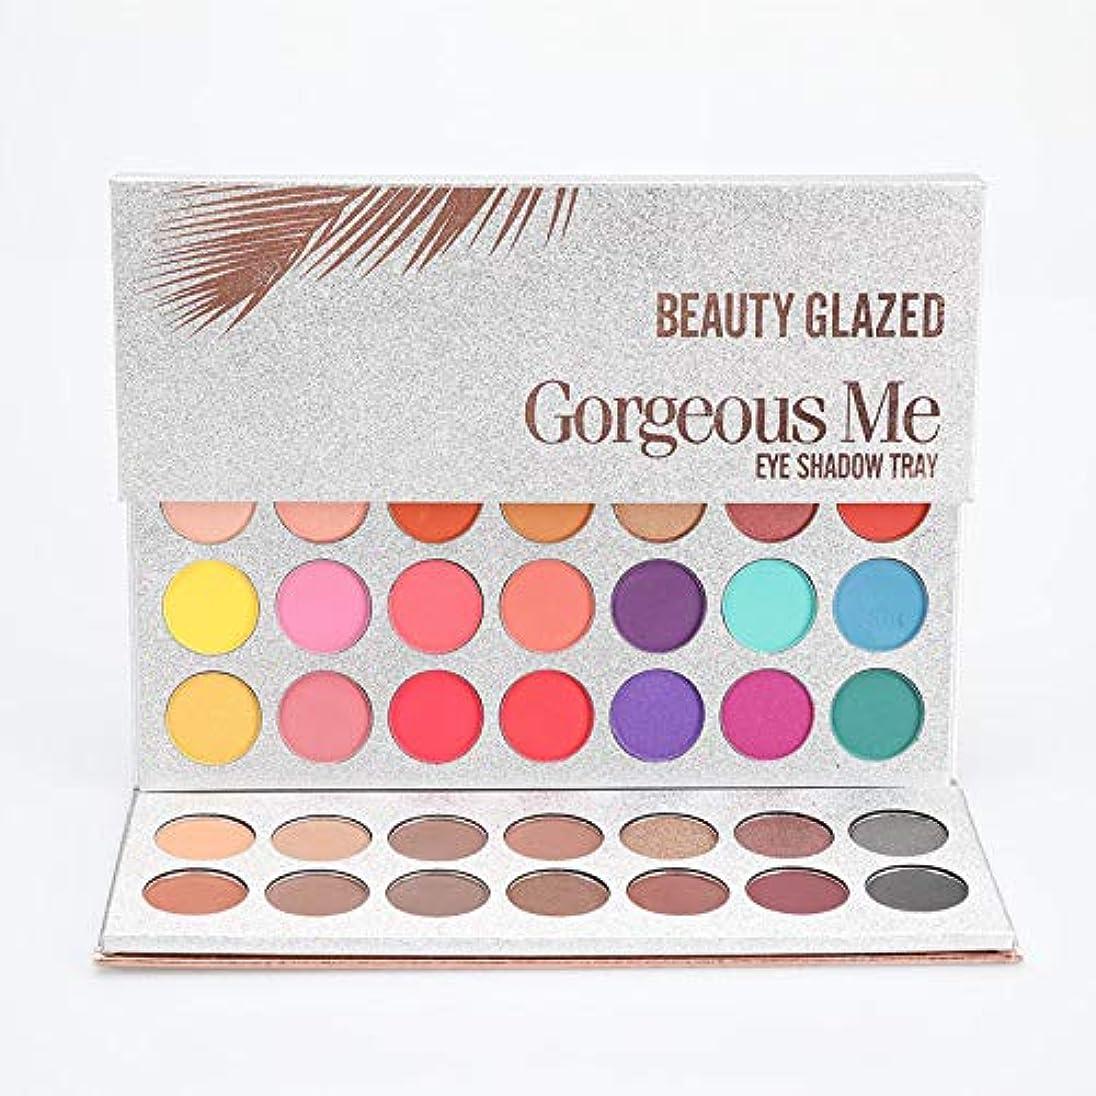 尊敬以降のみ63 Color eyeshadow pallete Glitter Makeup Matte Eye shadow make up palette maquillage paleta de sombra 63色のアイシャドーパレエキラキラメイクアップマットアイシャドウメイクアップパレットマキアージュパレタデムブラブ